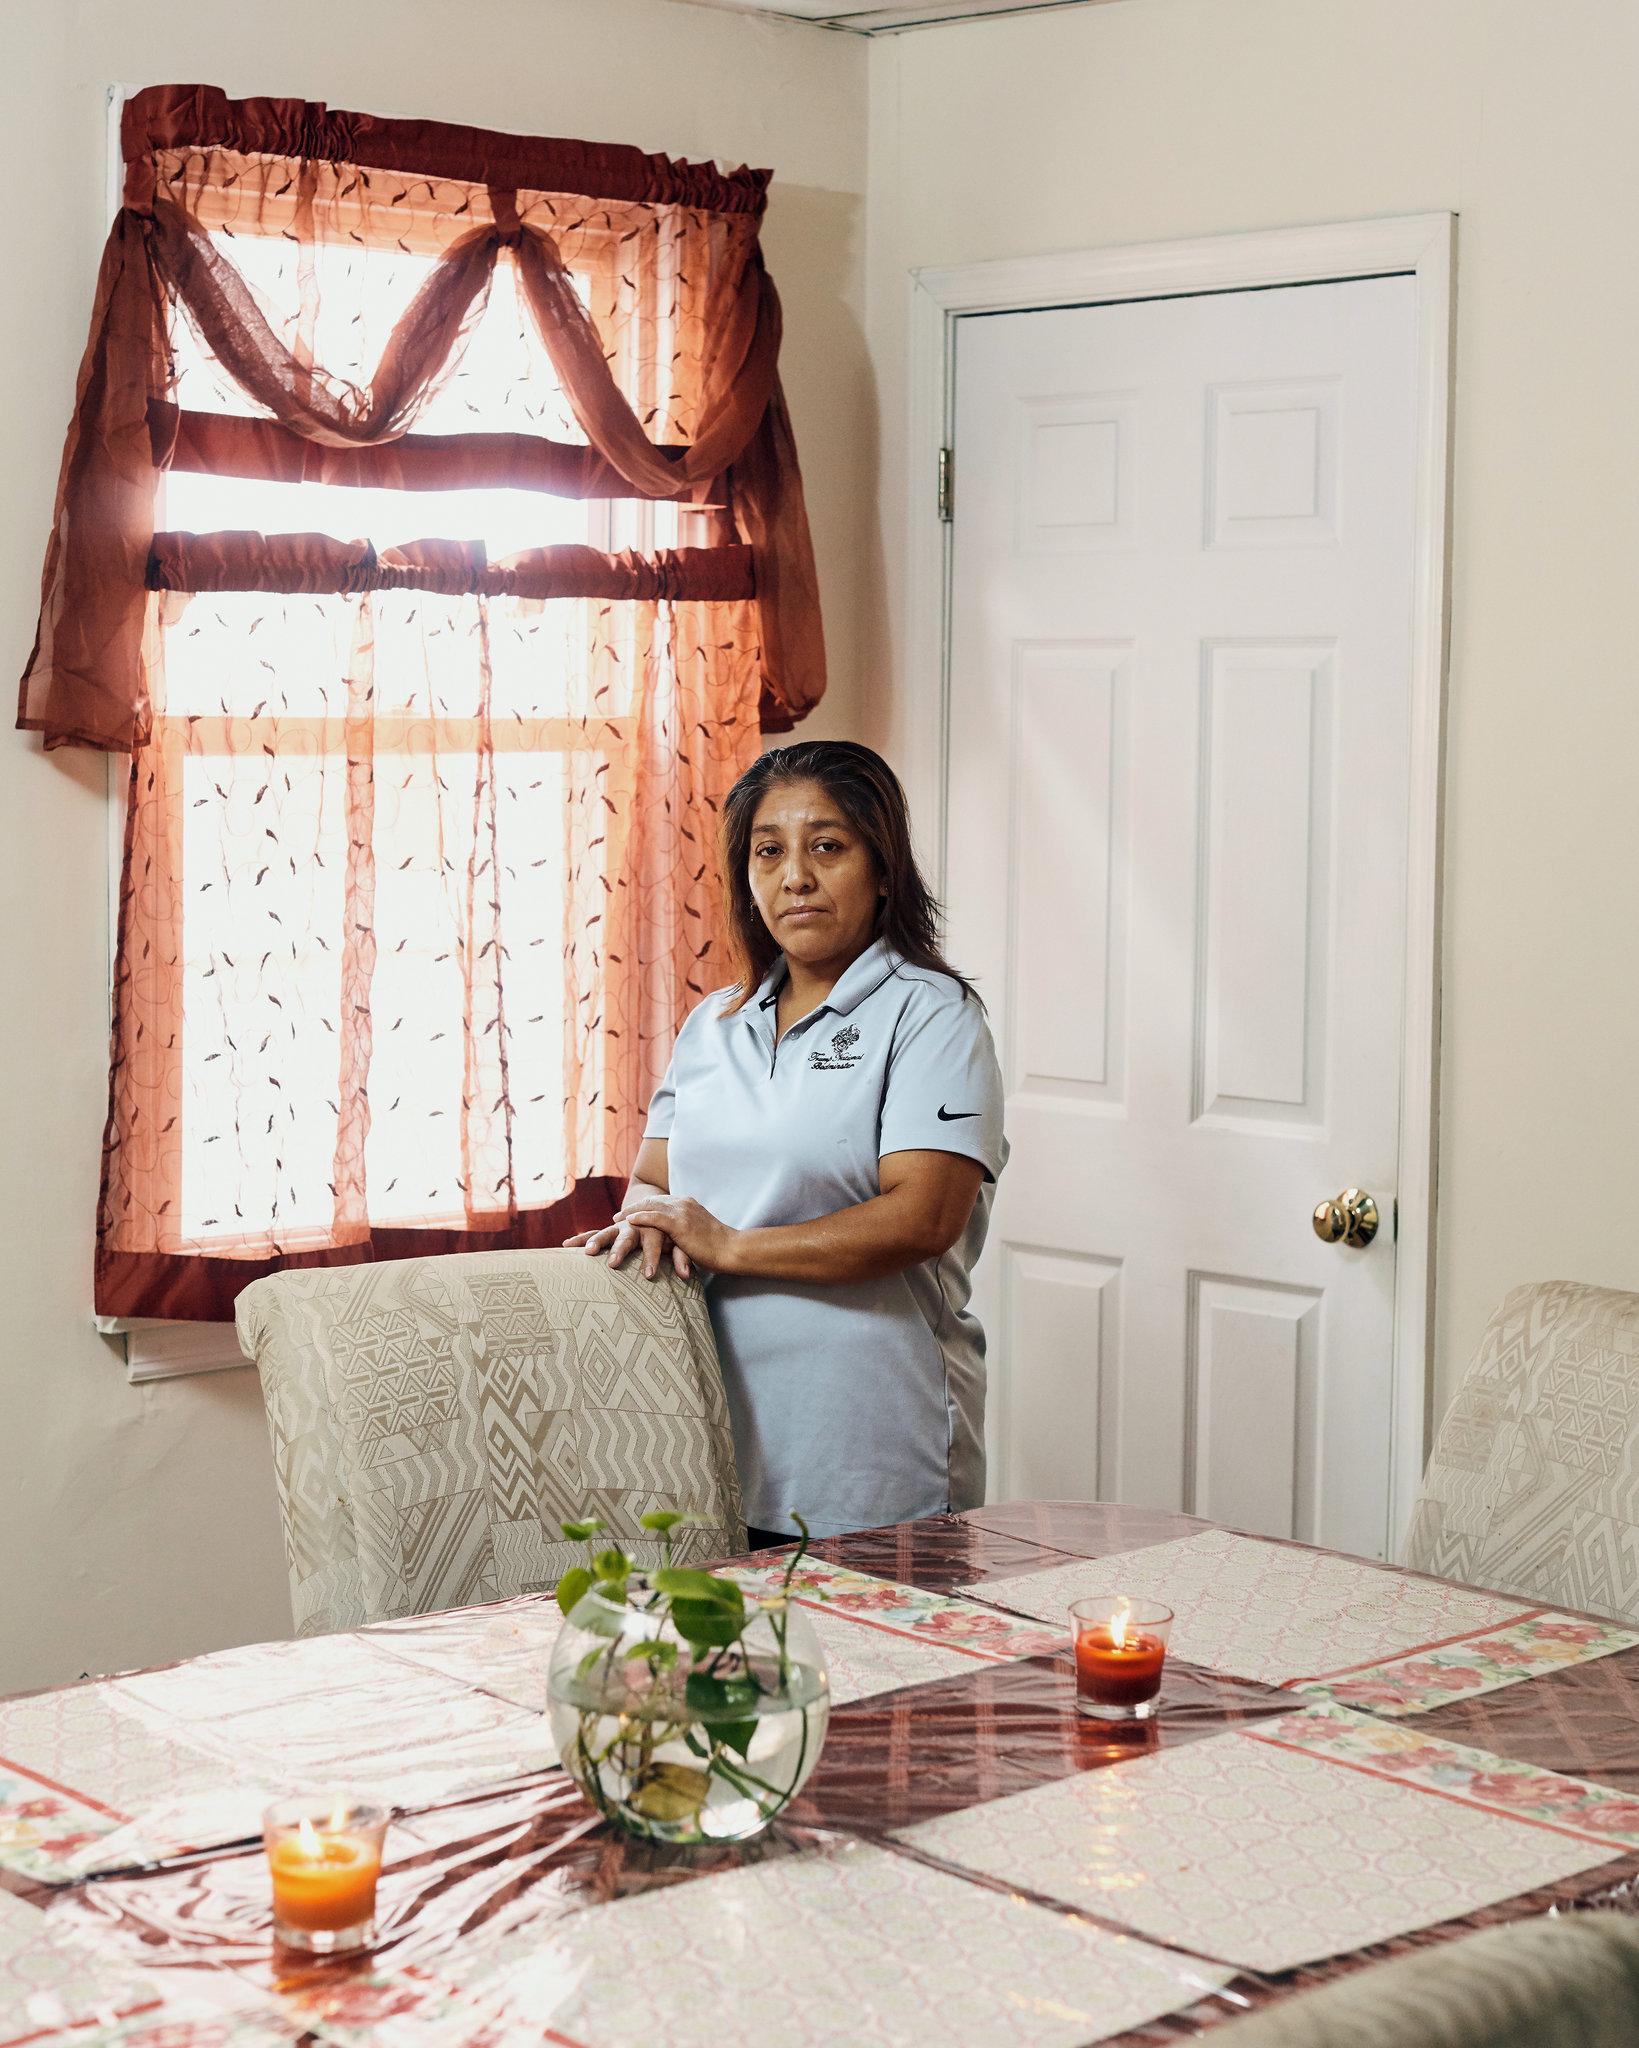 Victorina Morales en su hogar en Bound Brook, Nueva Jersey. Ella se fue de Guatemala en 1999 e ingresó de manera ilegal en Estados Unidos. Comenzó a trabajar en el club de golf de Trump en Bedminster, Nueva Jersey, en 2013.